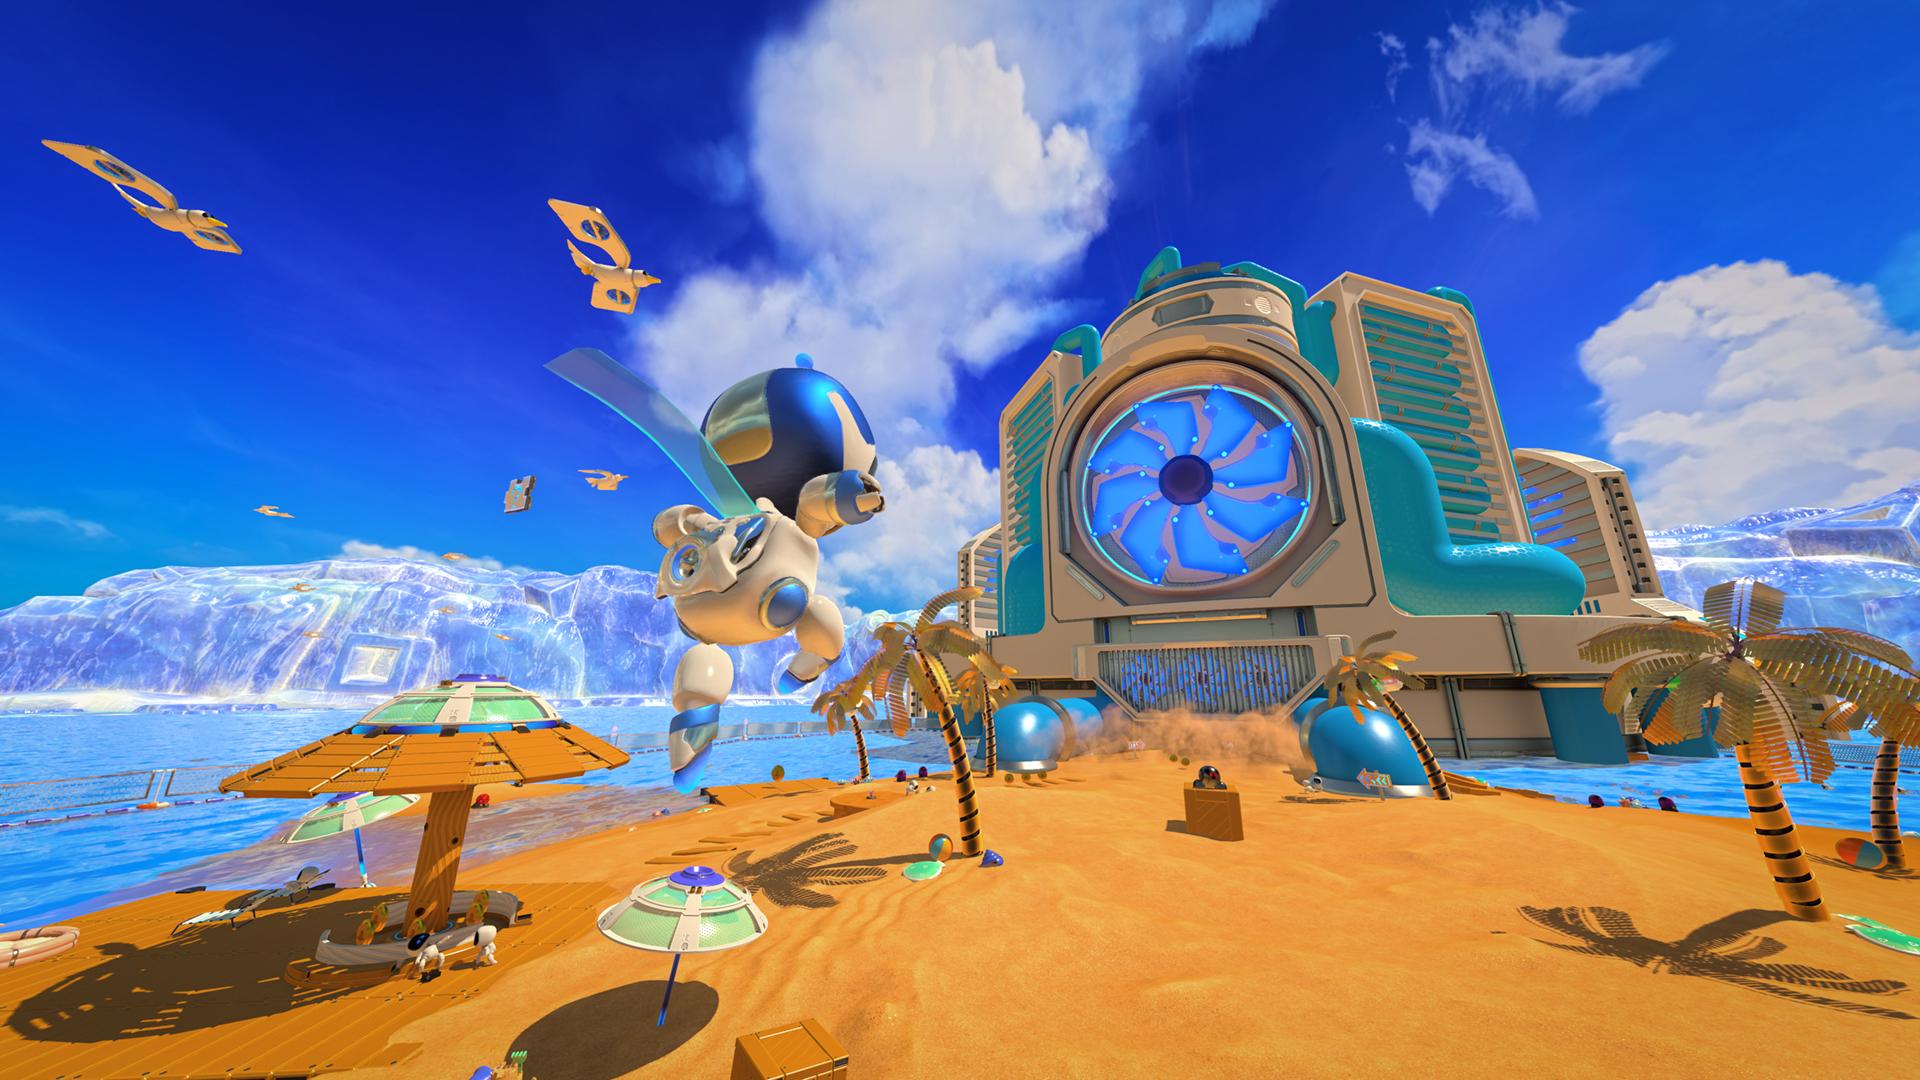 Impresiones de Astro´s Playroom en PS5 ¡Ya lo hemos jugado! - HobbyConsolas  Juegos